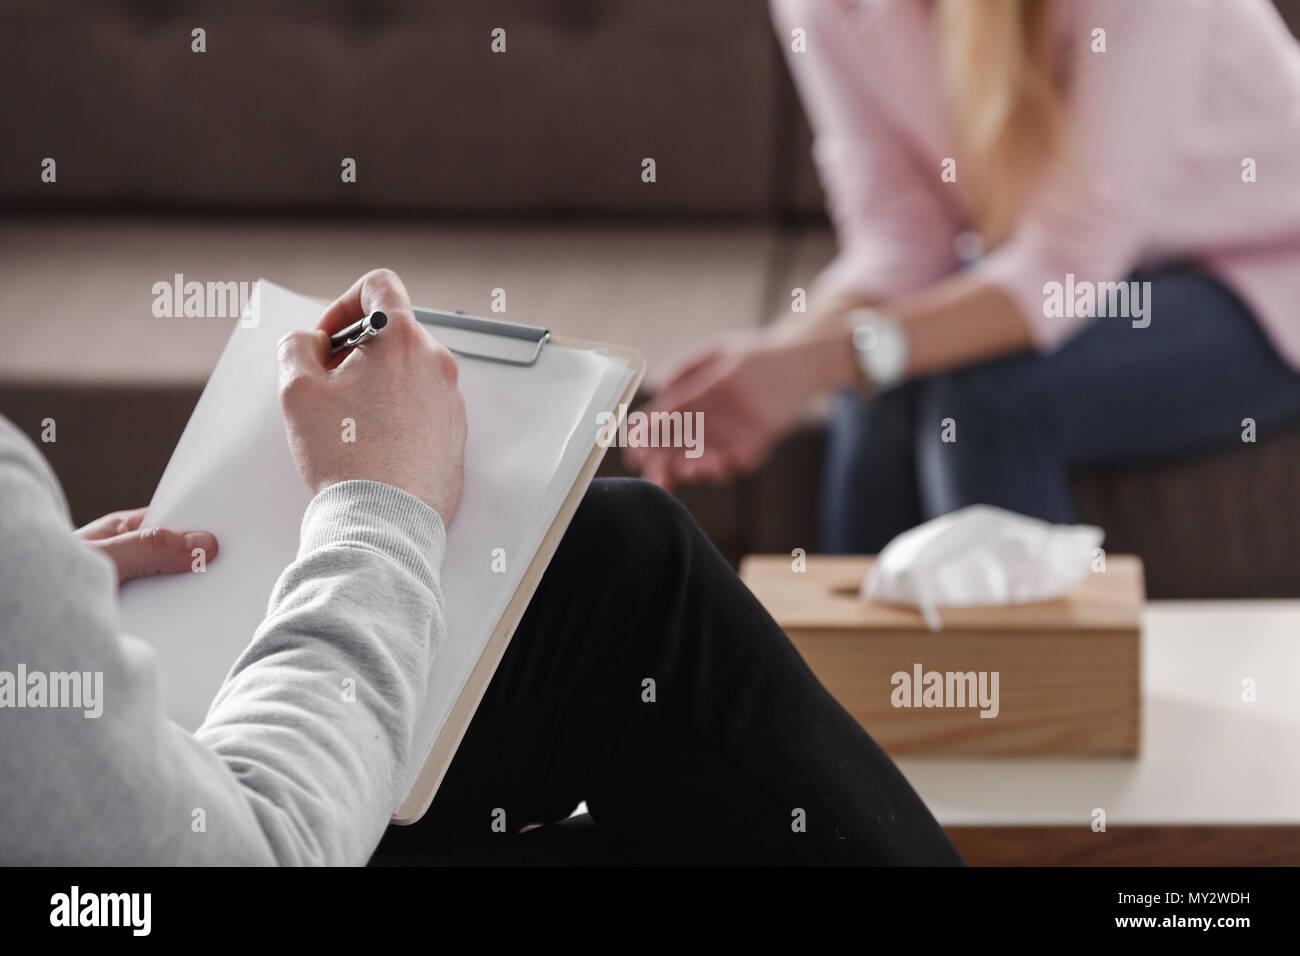 Close-up du thérapeute part la rédaction de notes au cours d'une séance de counseling avec une seule femme assise sur un canapé dans l'arrière-plan flou. Banque D'Images